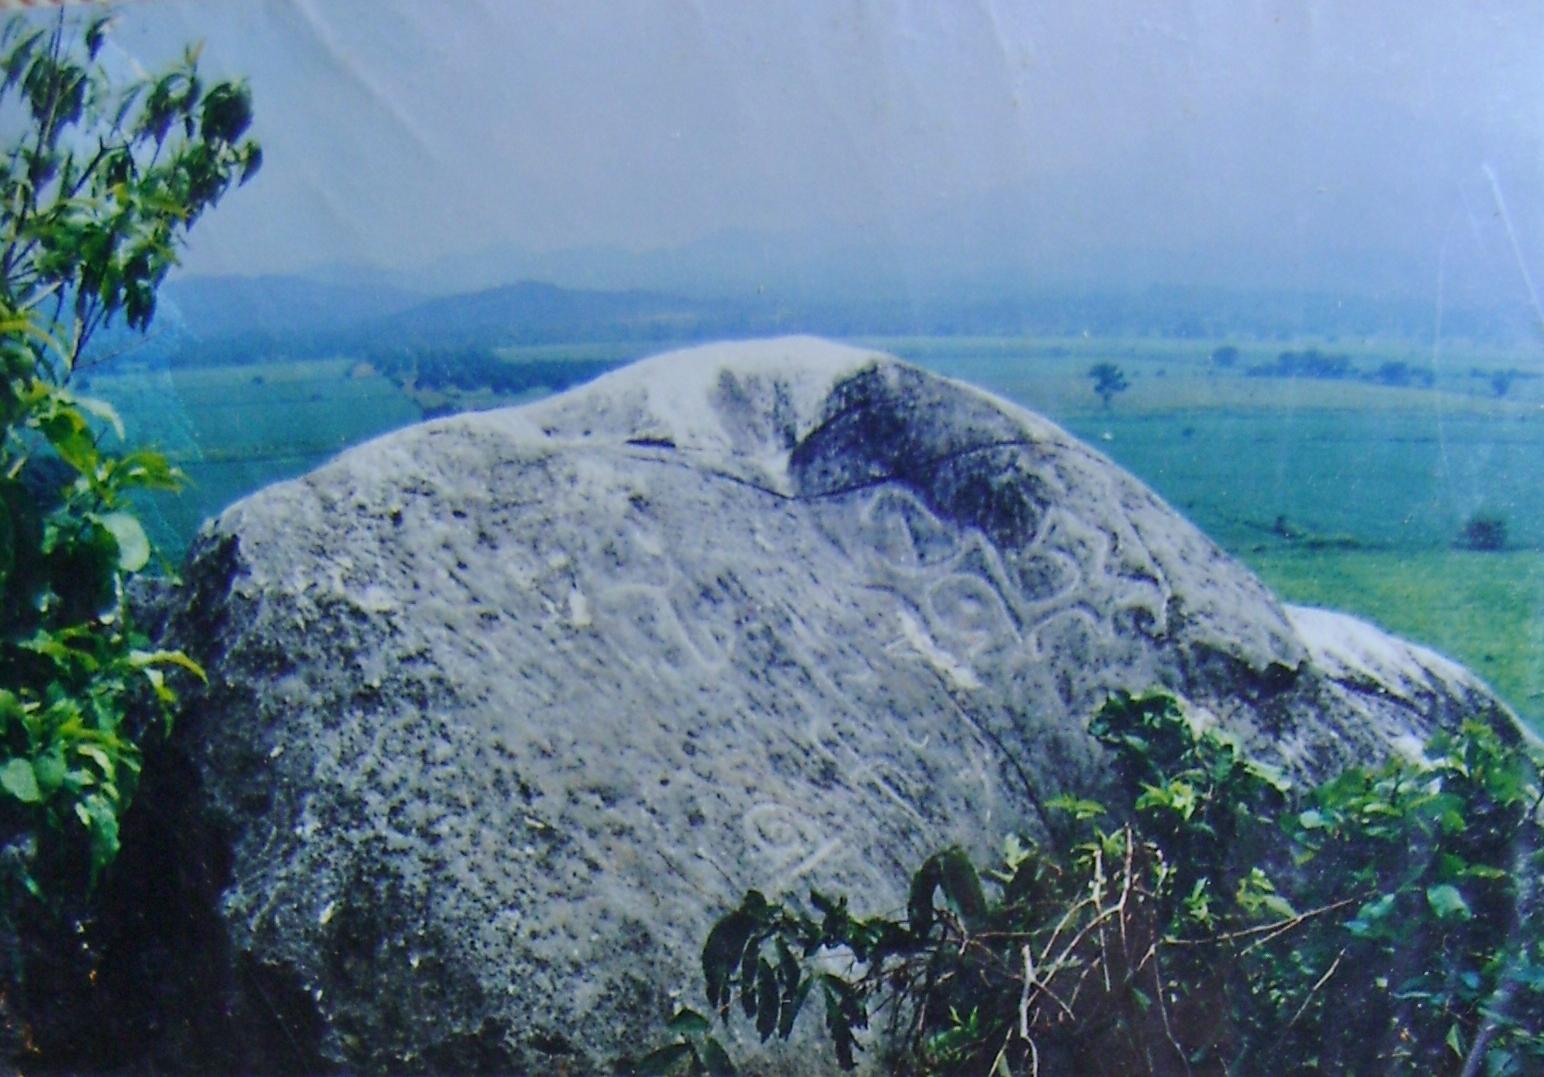 Un cerrito de Petróglifos Verdadero tesoro en Piedras F1lizm